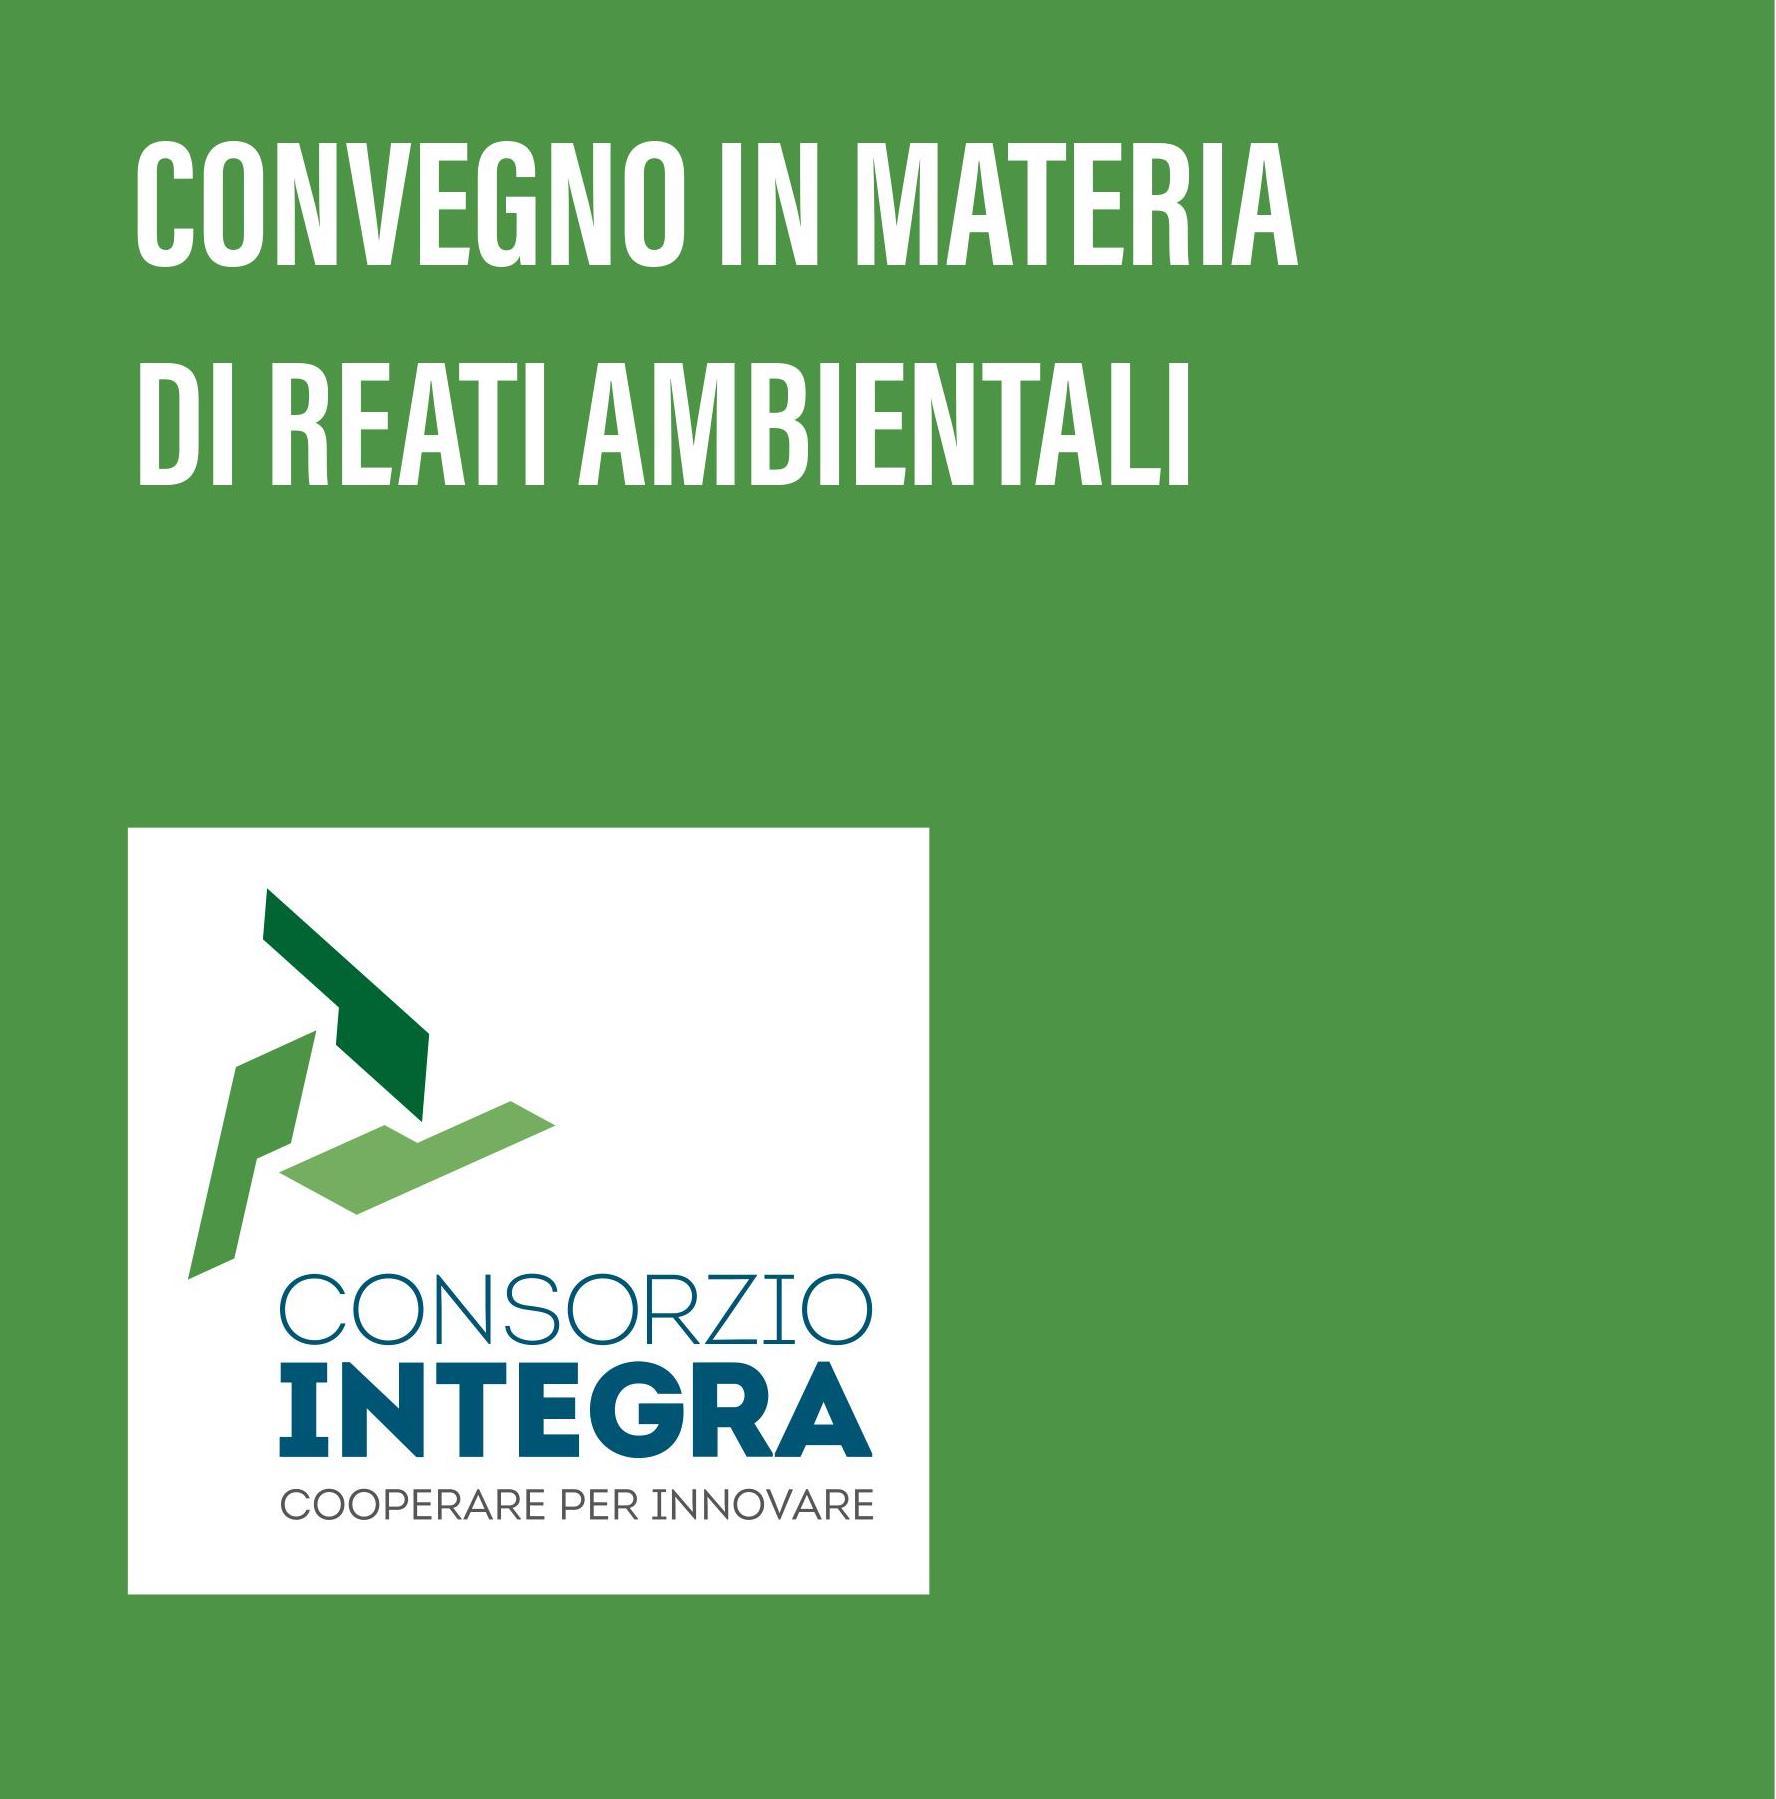 Reati ambientali: il 20 febbraio un convegno a Bologna organizzato da Consorzio Integra